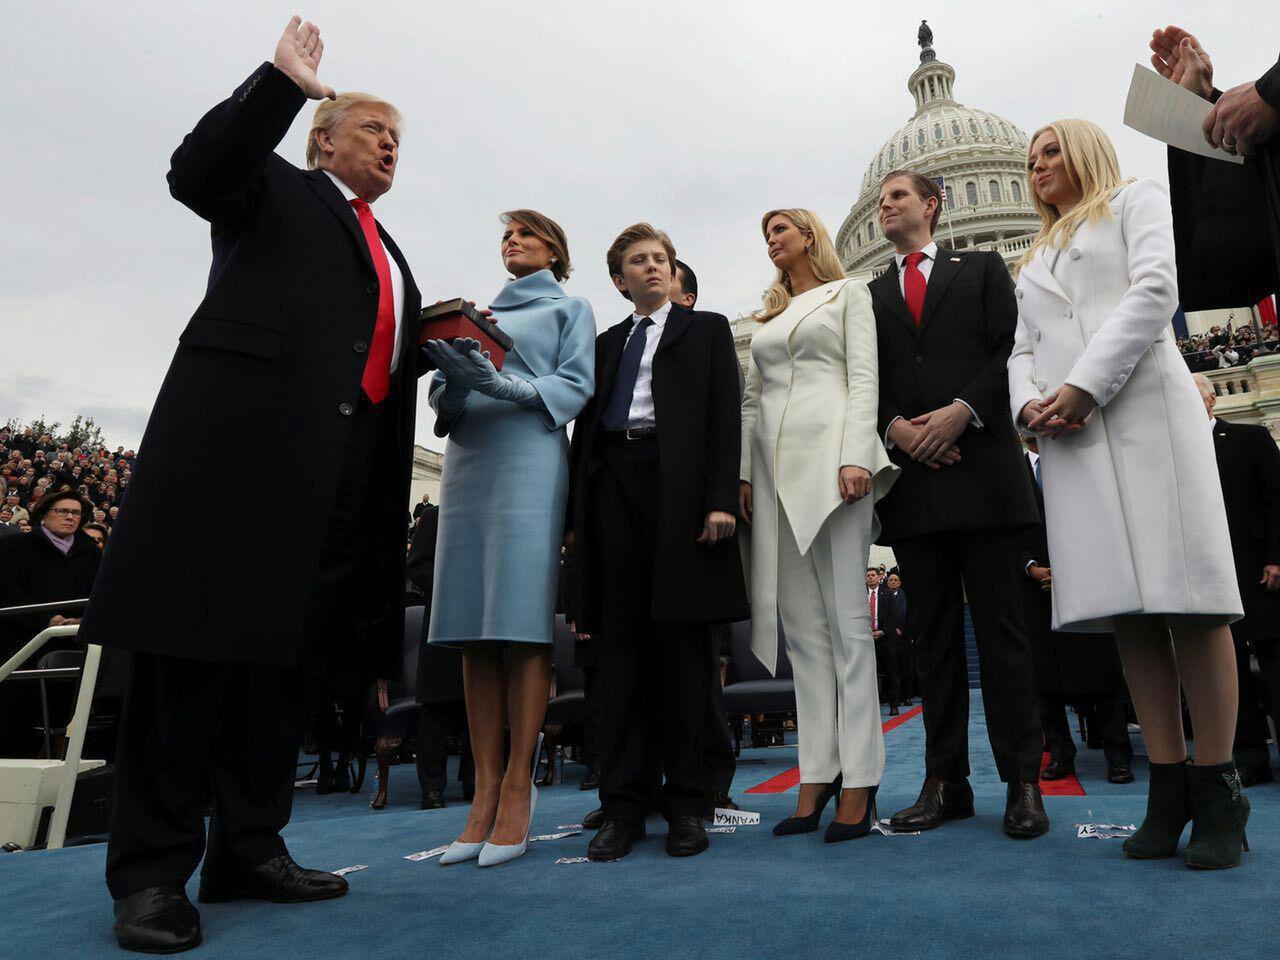 توپِ پُر ترامپ در اولین سخنرانی